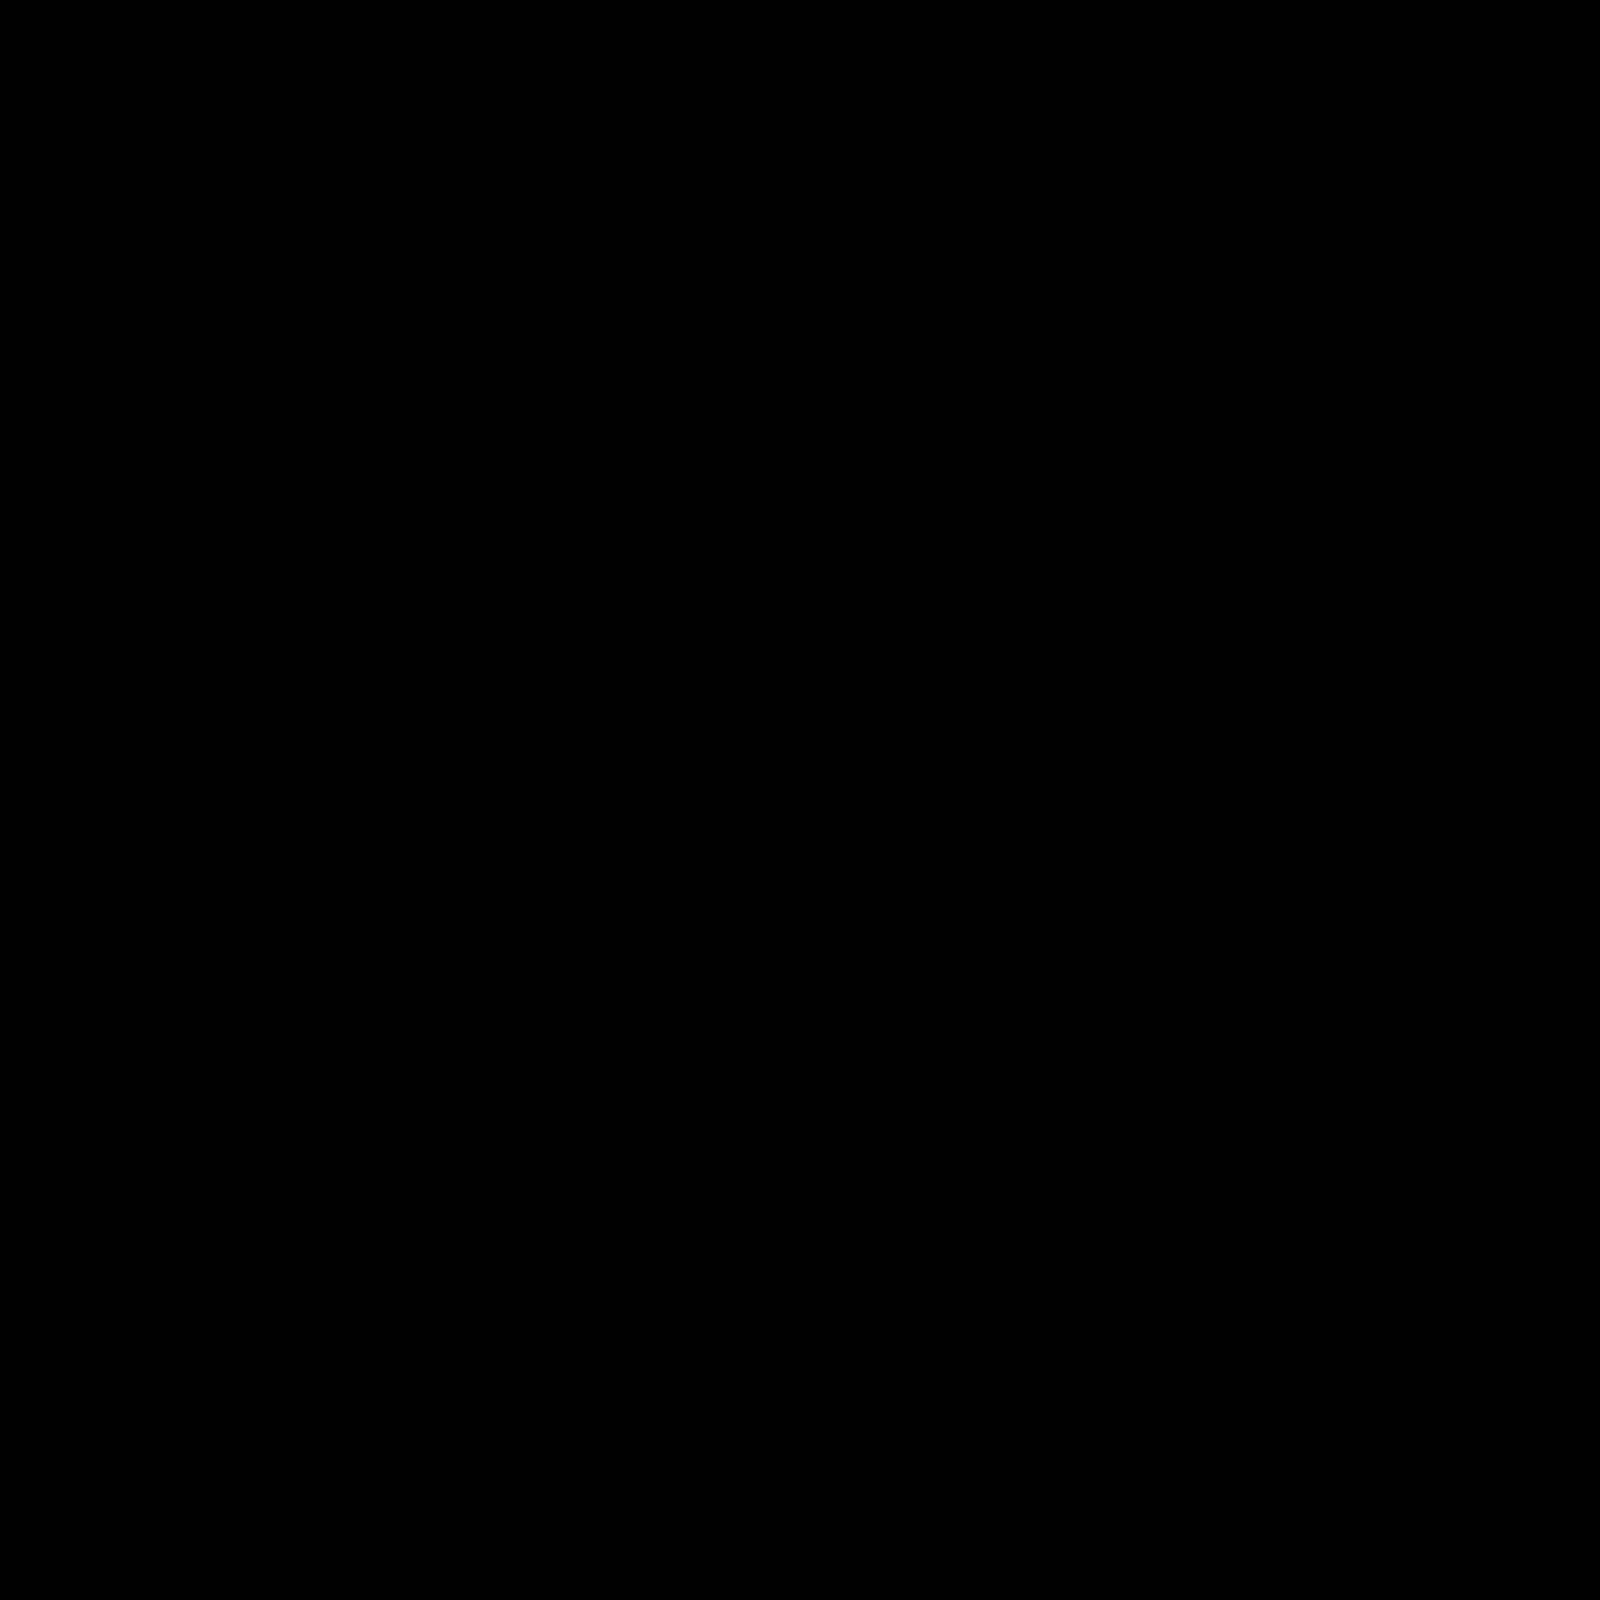 トップ ビュー icon. The icon is shaped like a cube with six sides in total including the top and bottom of the shape. The top side of the cube shape is covered with dots while the rest of the side do not have anything.